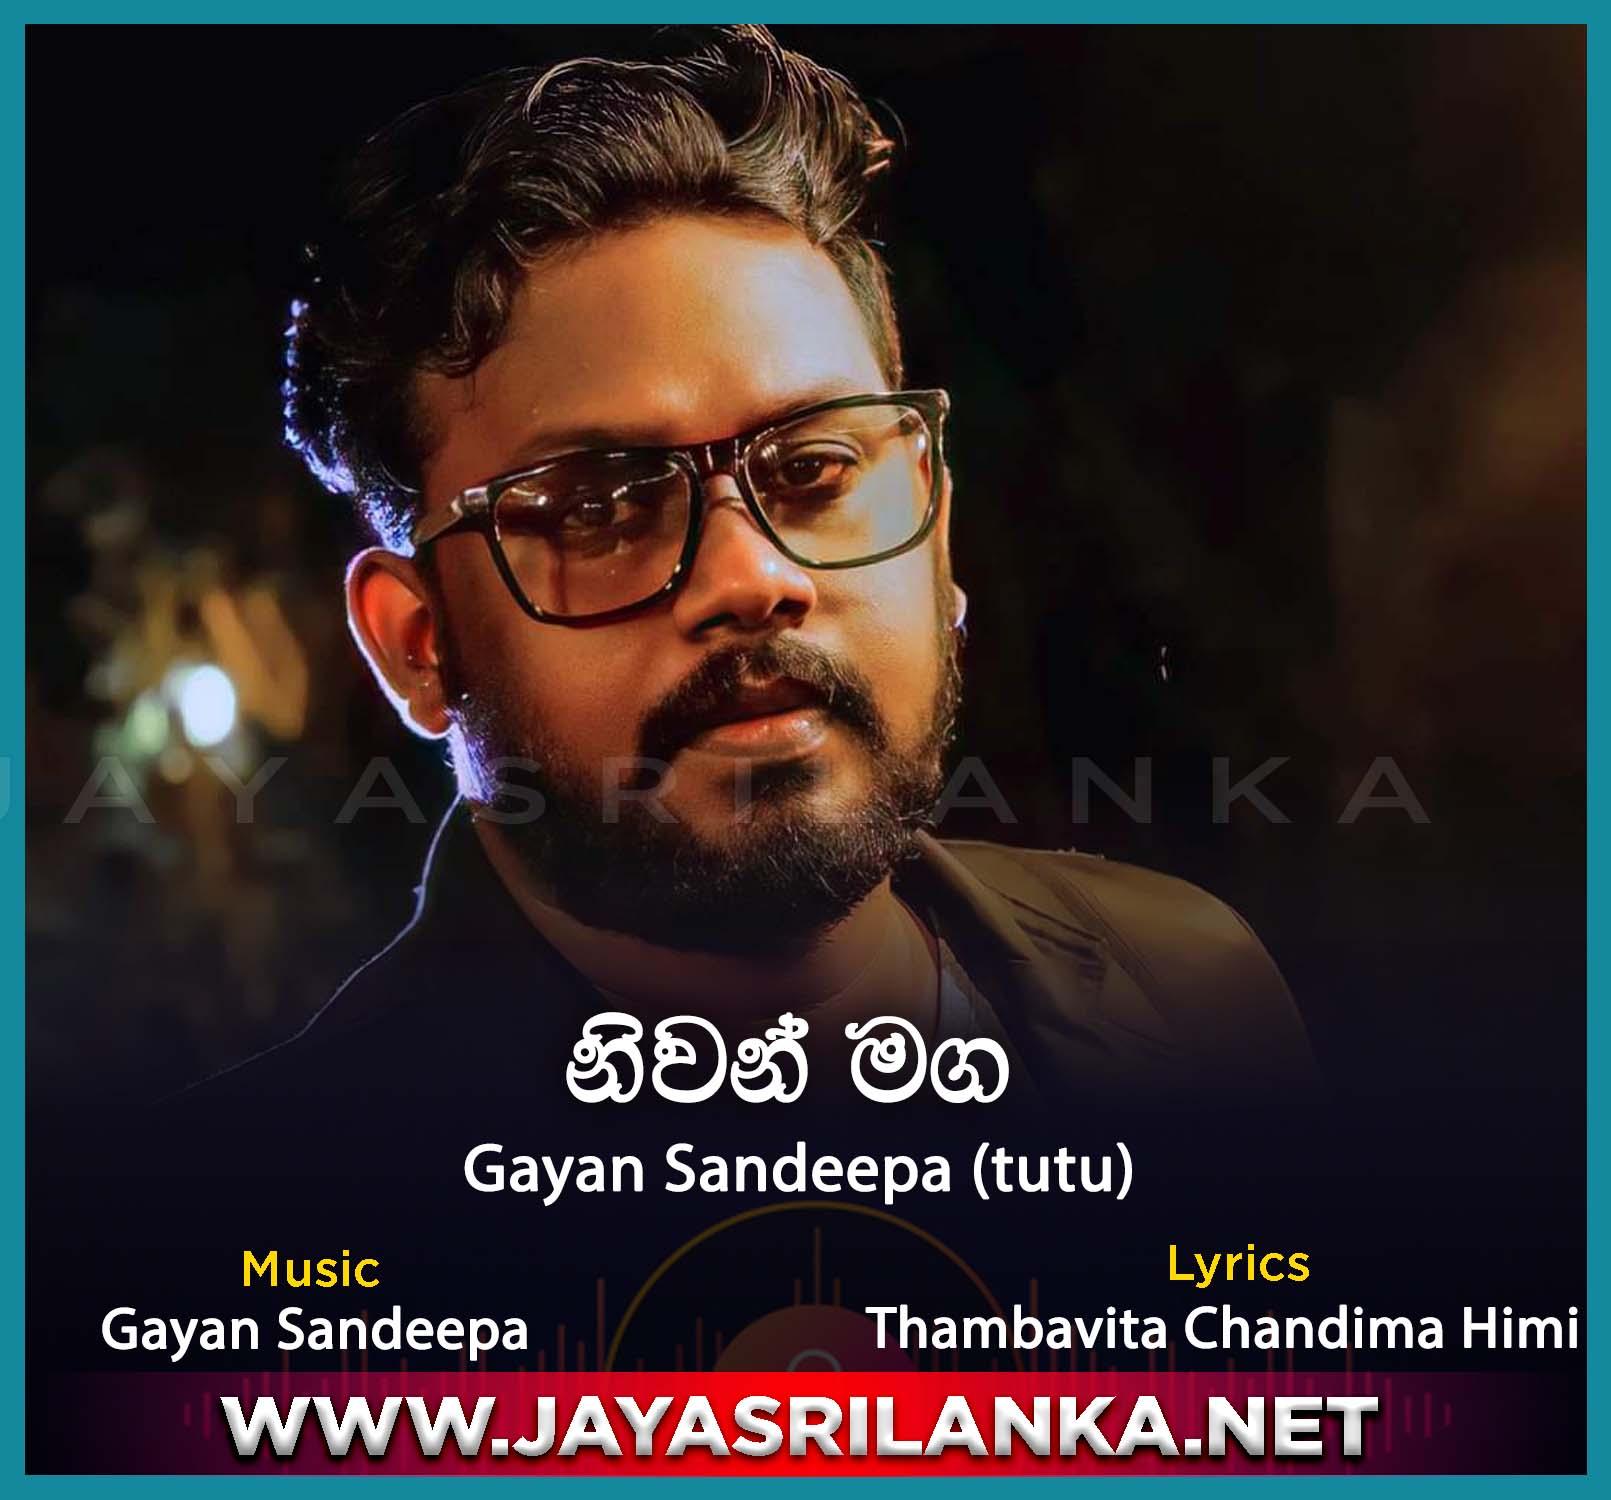 jayasrilanka ~ Niwan Maga - Gayan Sandeepa Tutu